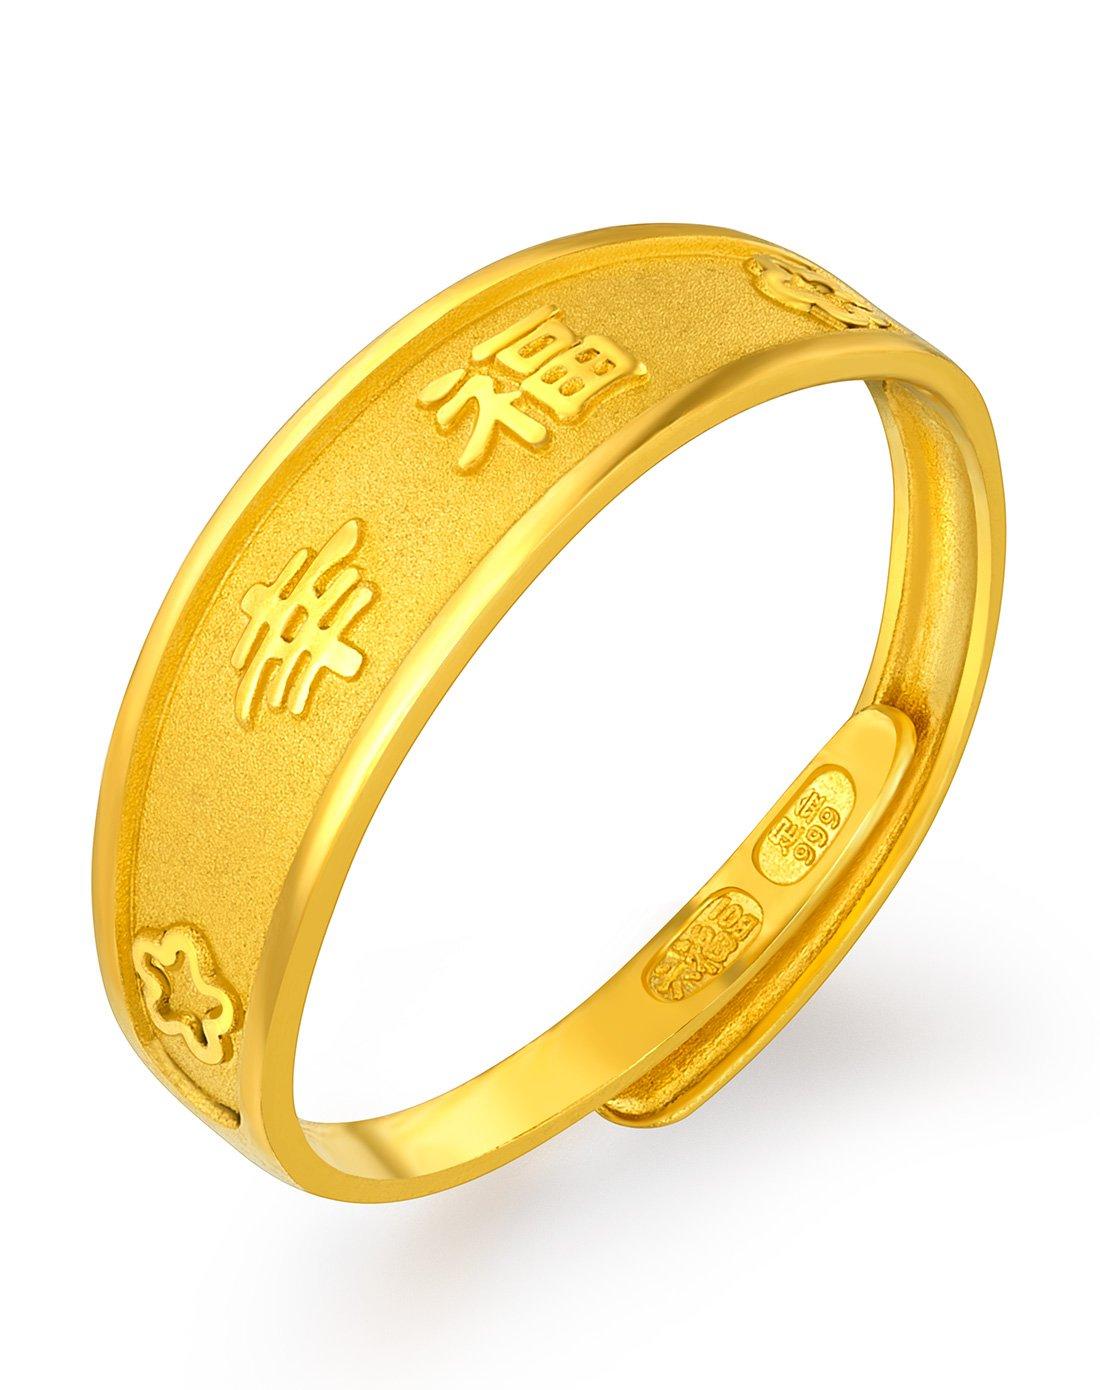 六福珠宝六福珠宝幸福BB儿童款黄金戒指尾戒活口戒计价B01TBGR0015